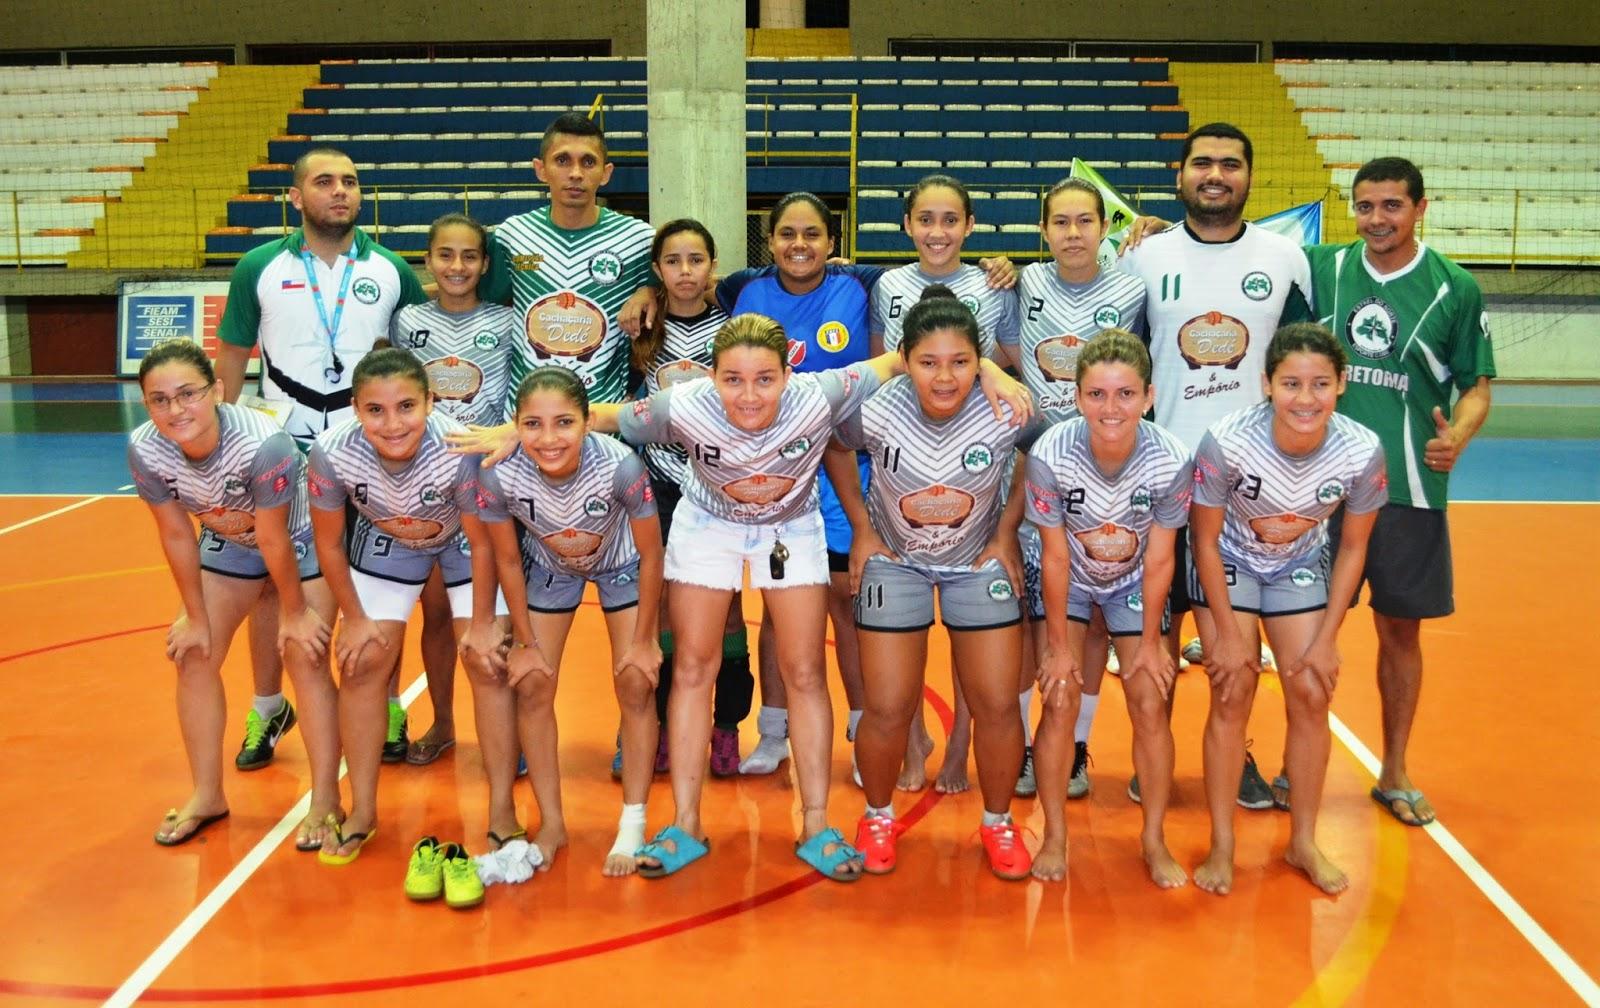 ef2304bfcbb82 Manaus AM - Os finalistas do Campeonato Amazonense Adulto Feminino de Futsal  serão conhecidos nesta quinta-feira (11 12)